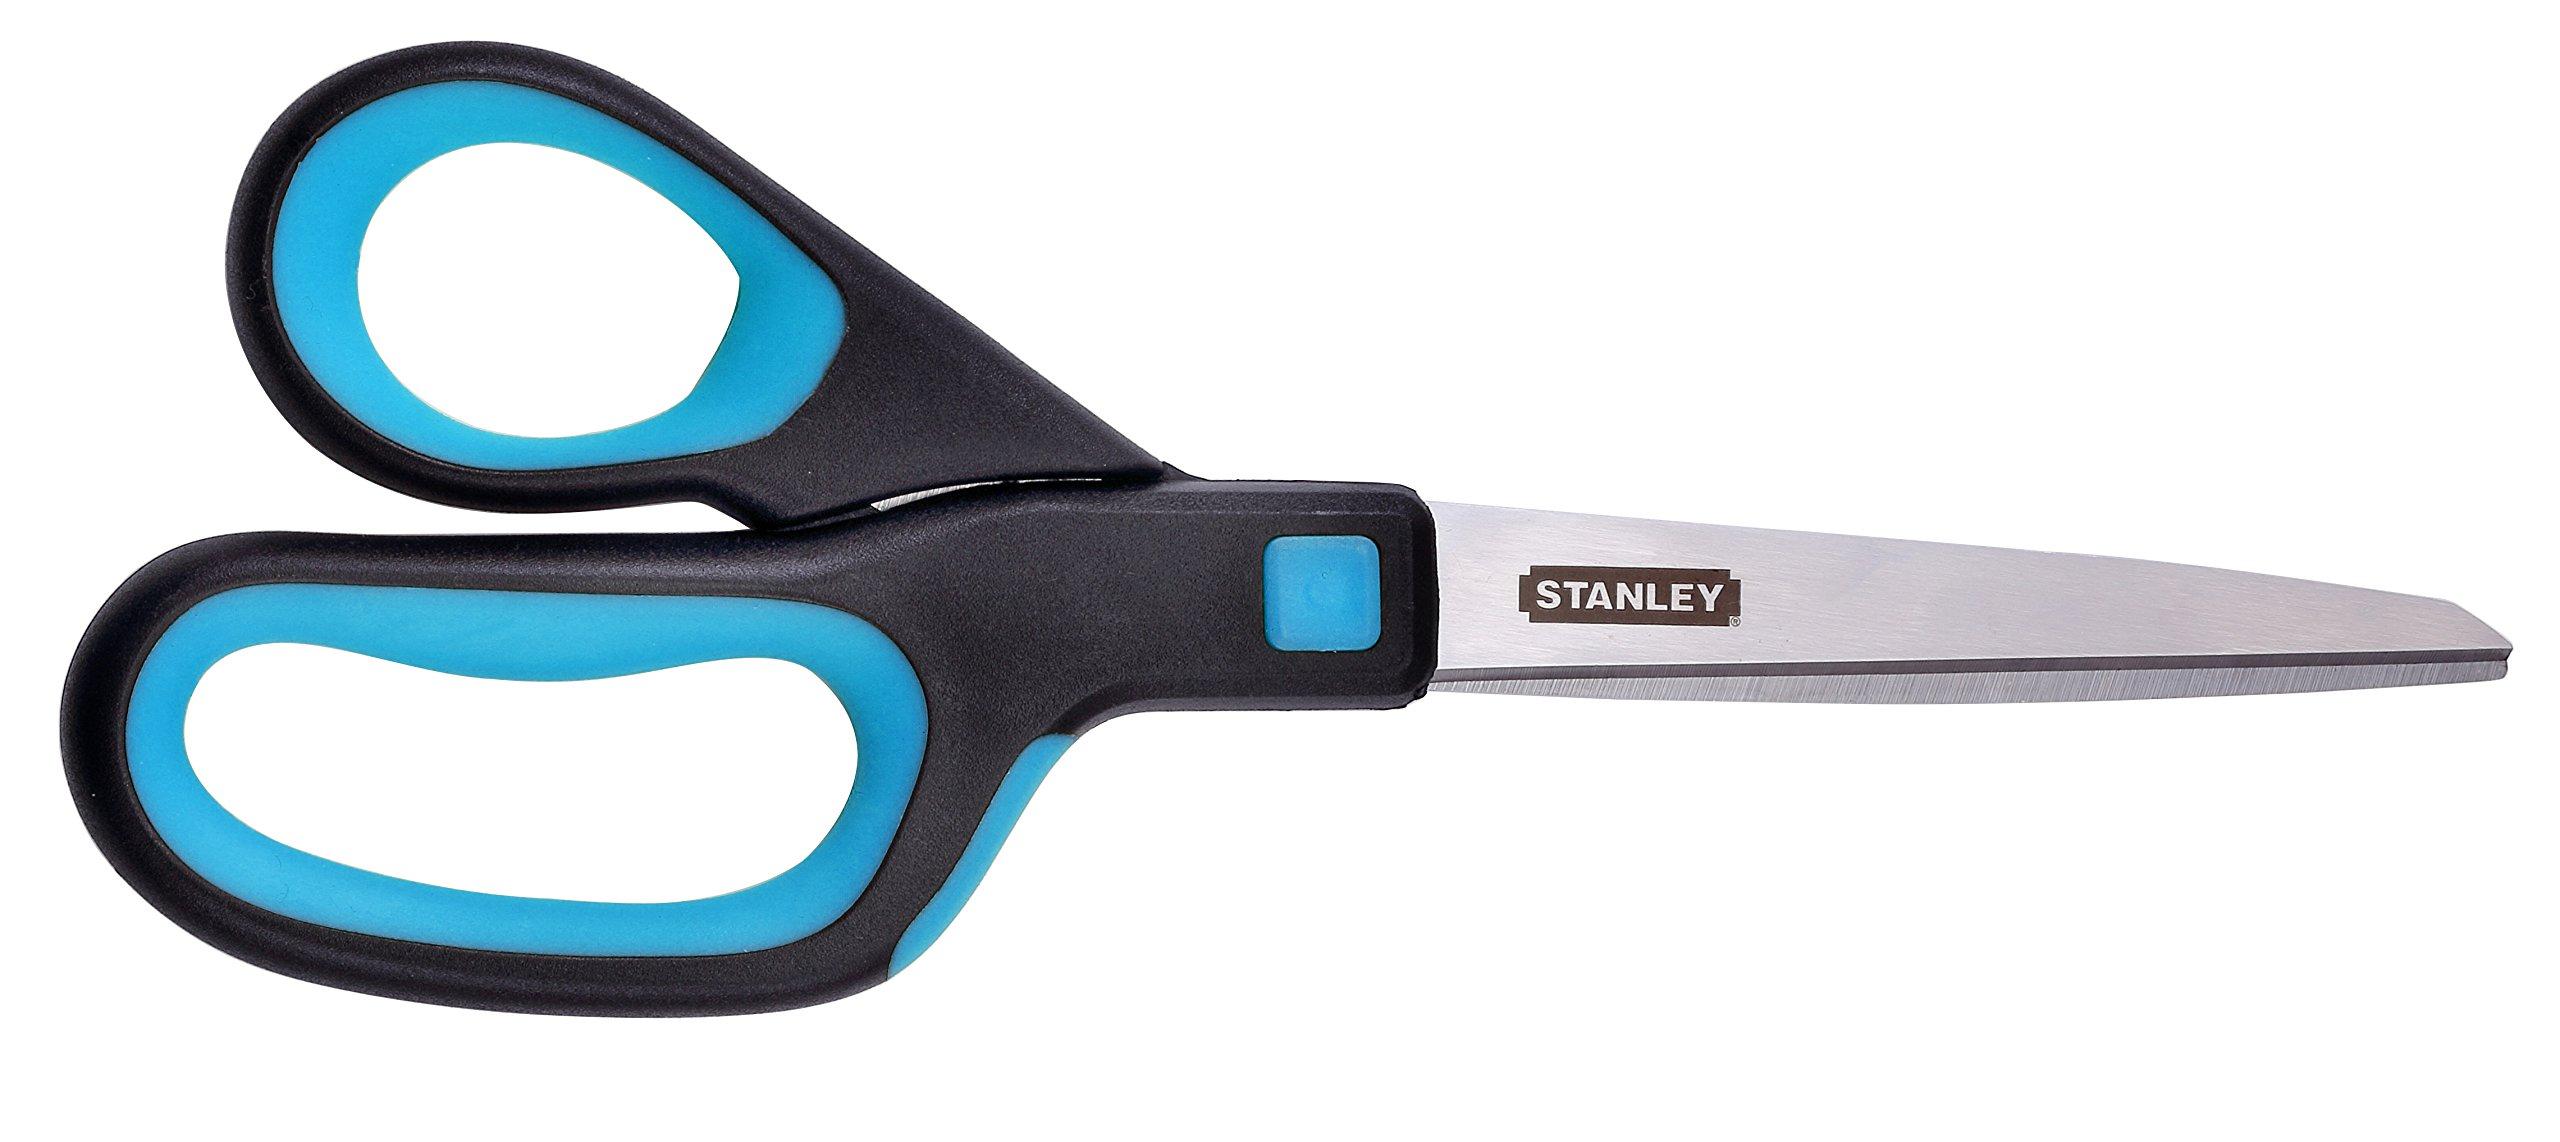 Stanley 8 Inch All-Purpose Ergonomic Scissor (SCI8EST-TEAL), Teal/Black